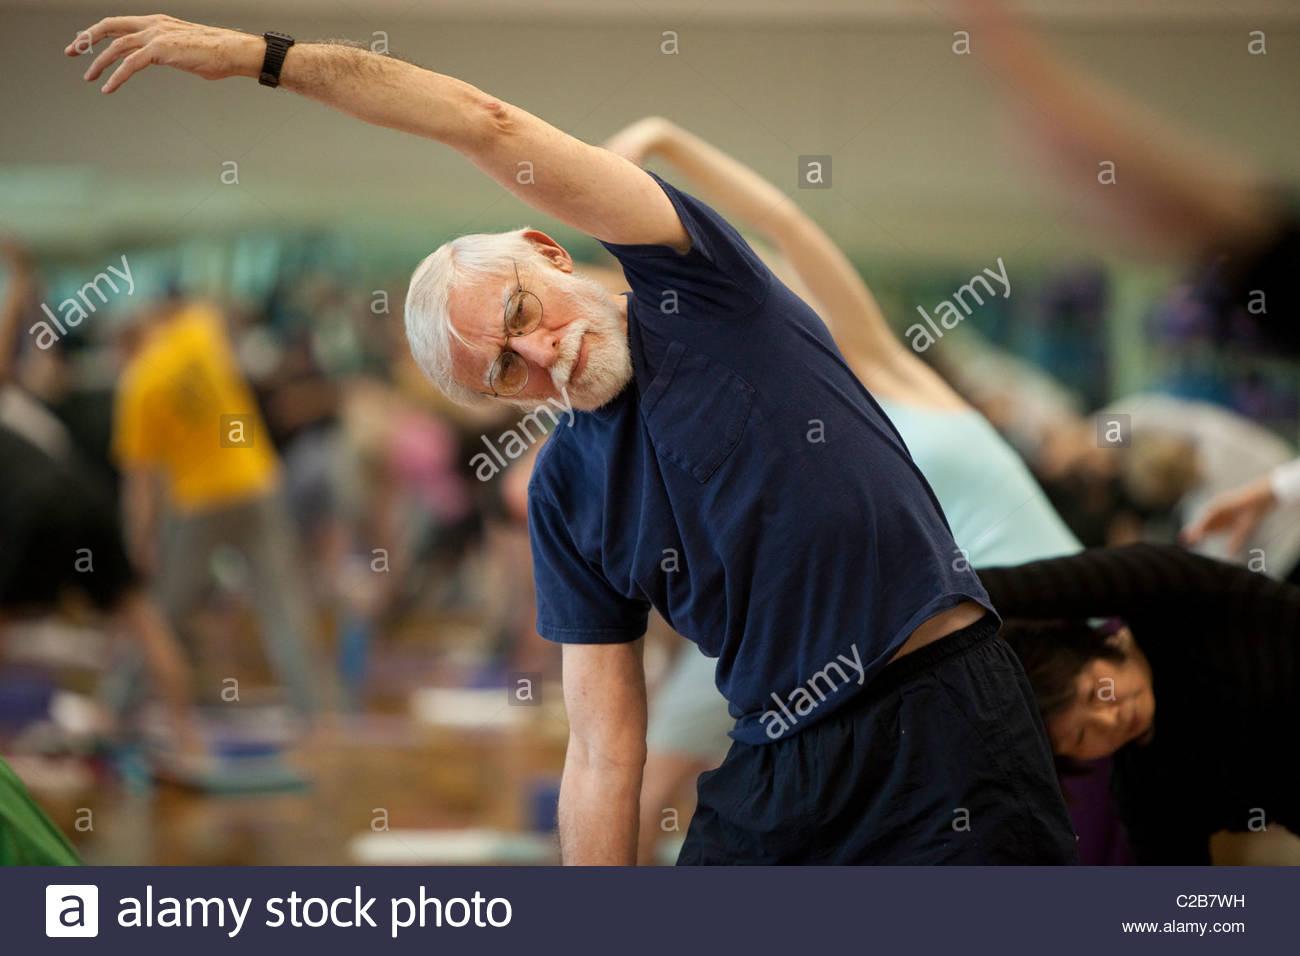 Un tratto laterale pongono in una classe di yoga. Immagini Stock